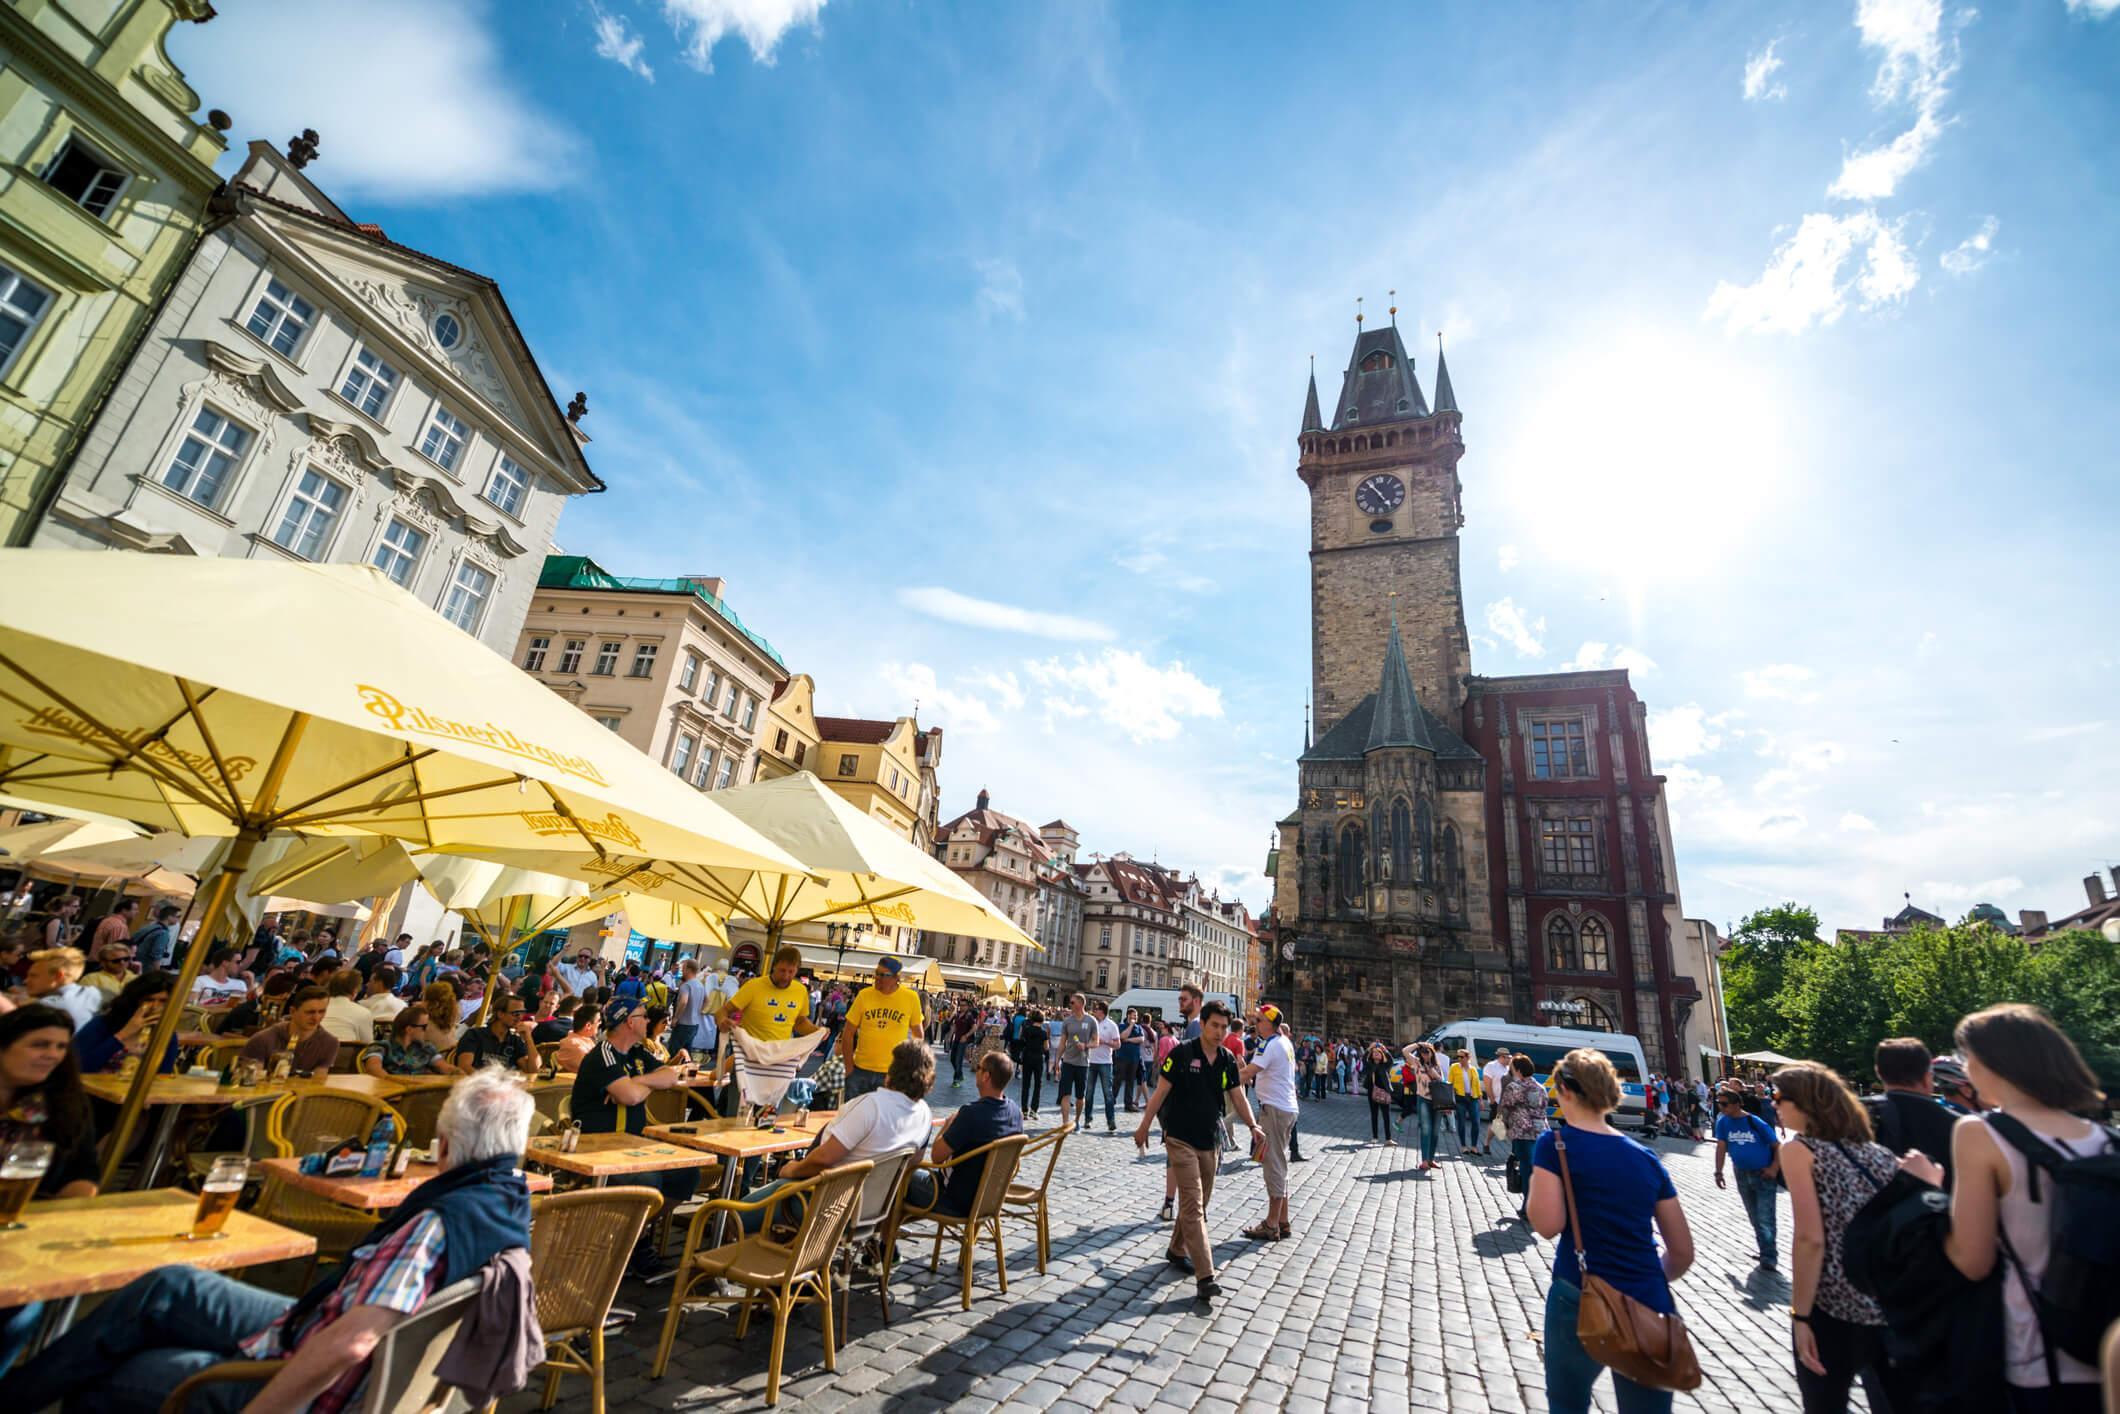 viaje barato a Praga, calles